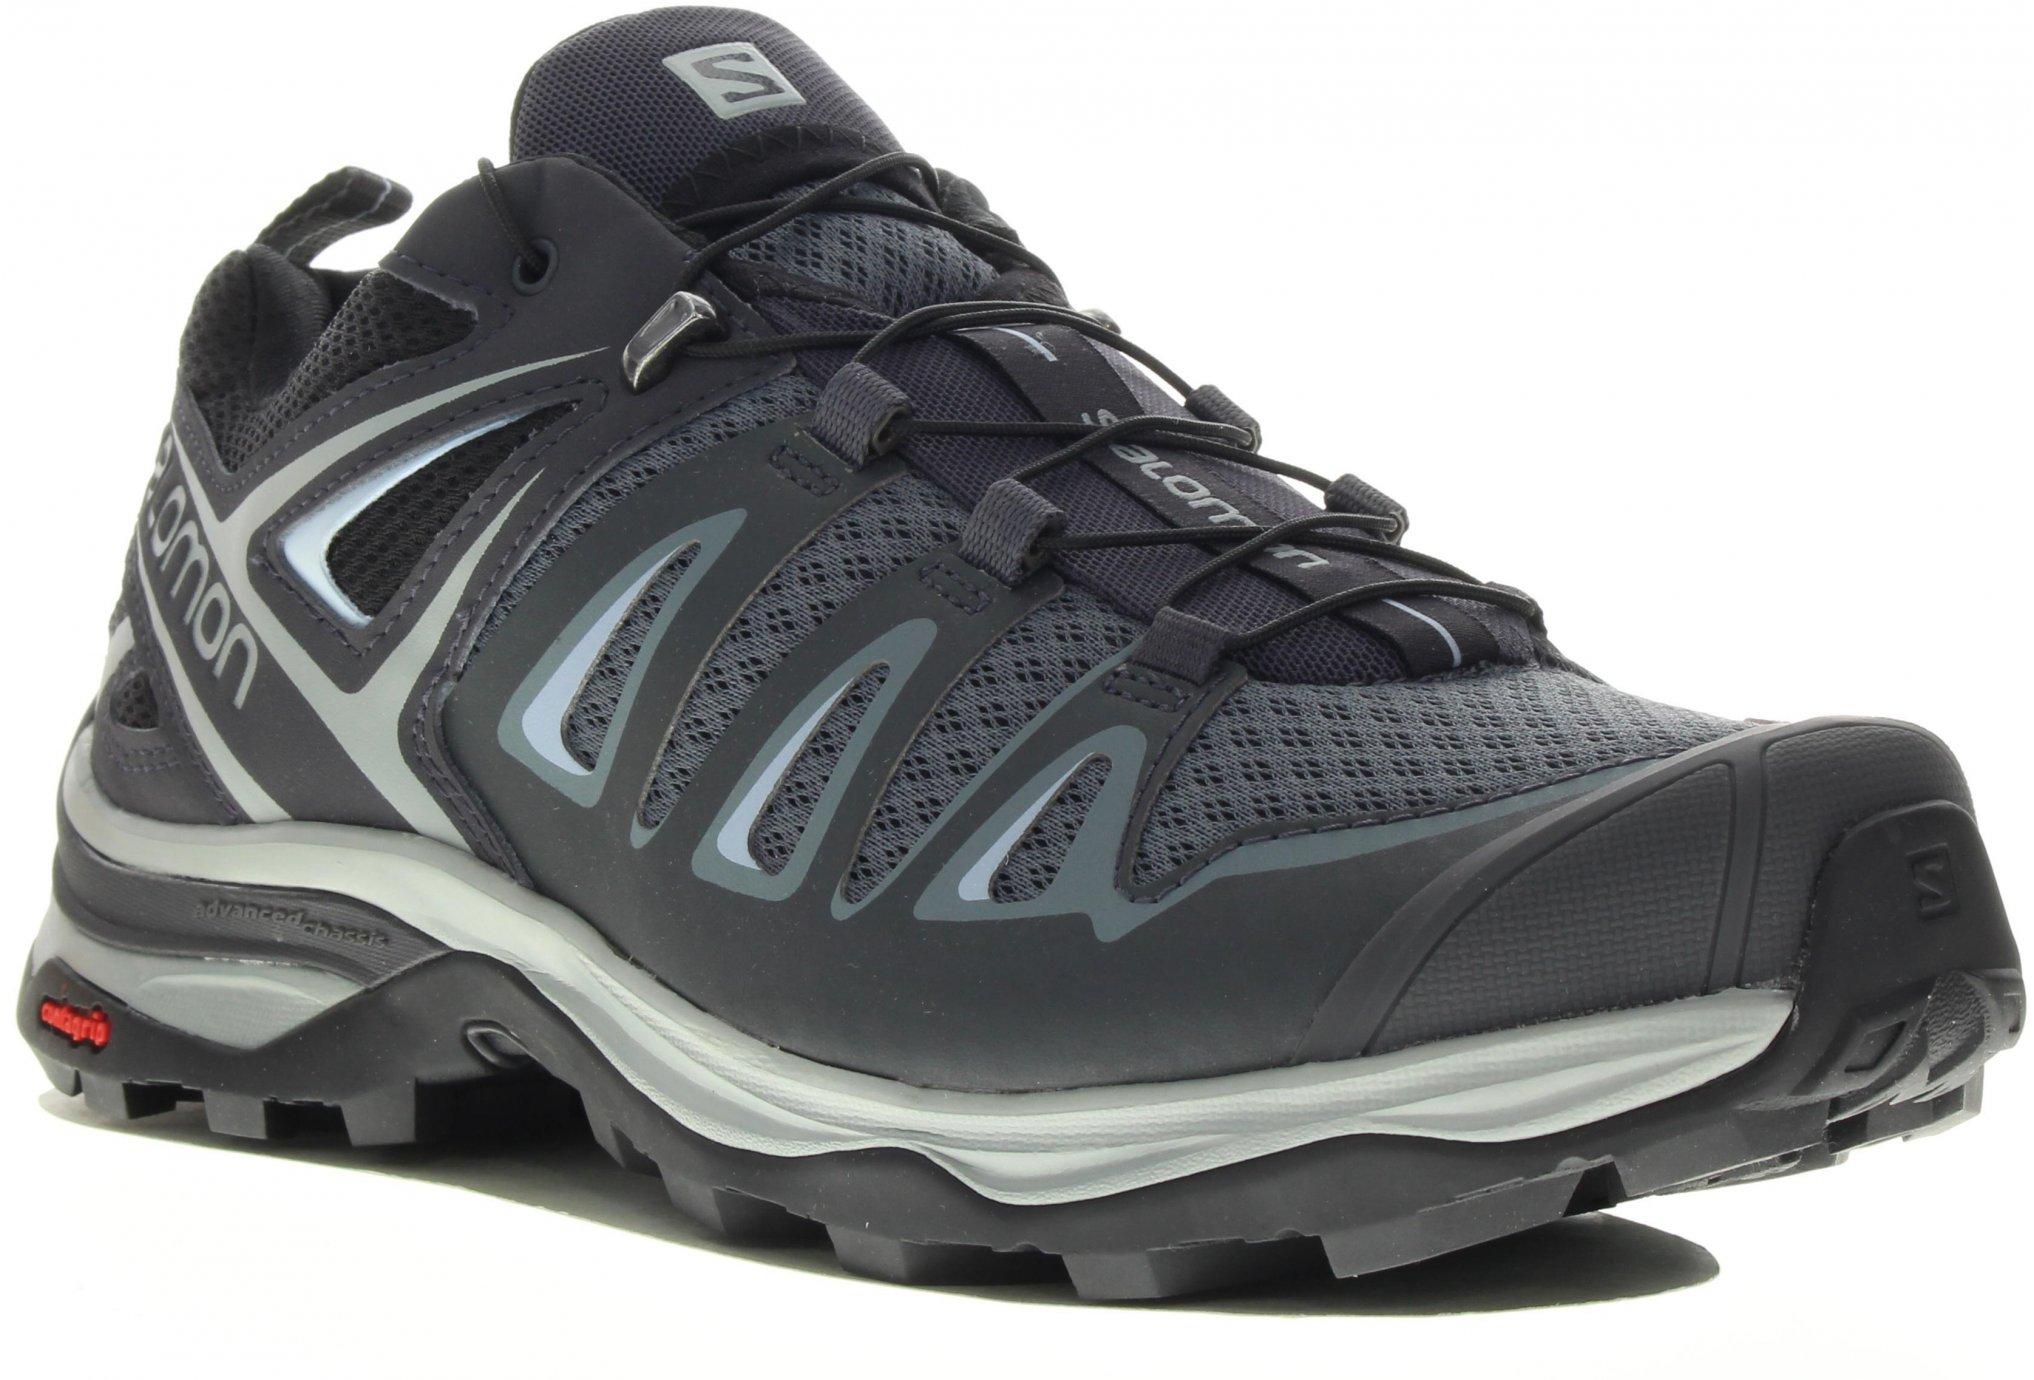 Salomon X Ultra 3 Chaussures running femme